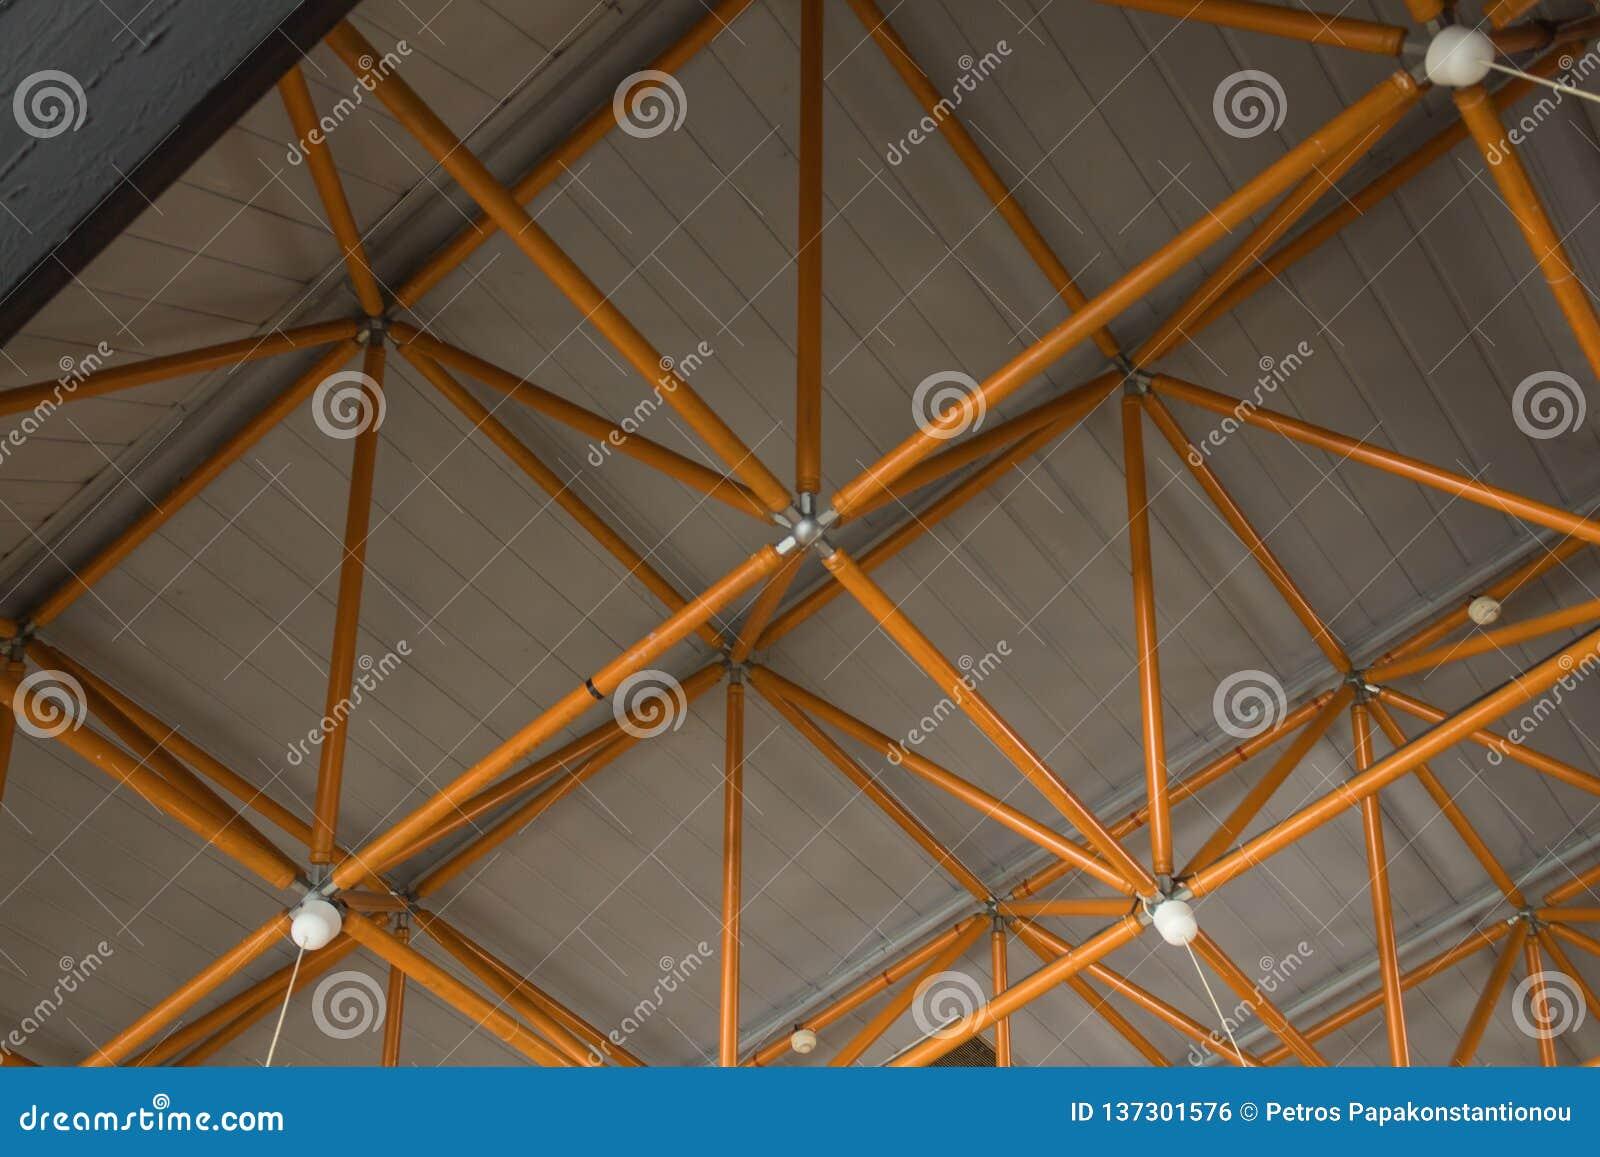 Industrielle Decke gemacht mit gelben Stahlträgern